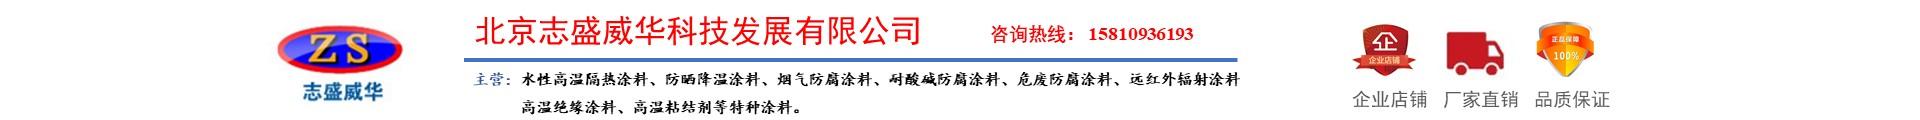 北京志盛威華科技發展有限公司